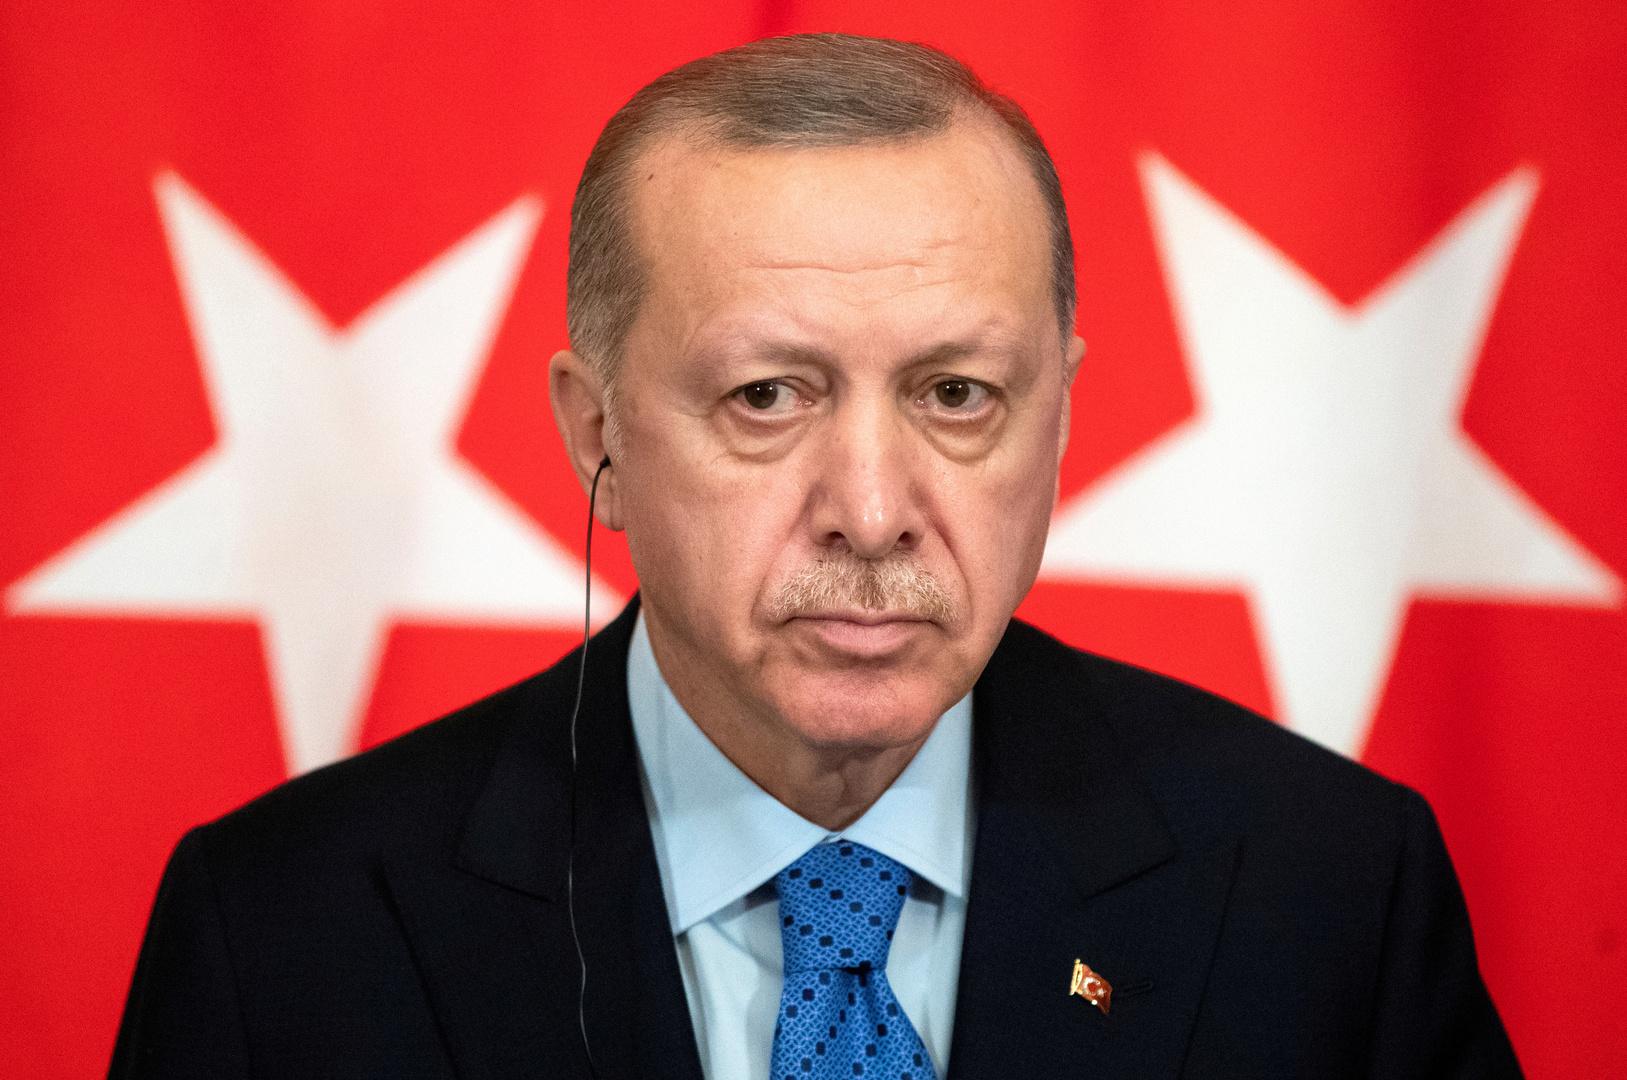 أردوغان يتعهد بمواصلة الحرب على الإرهاب: